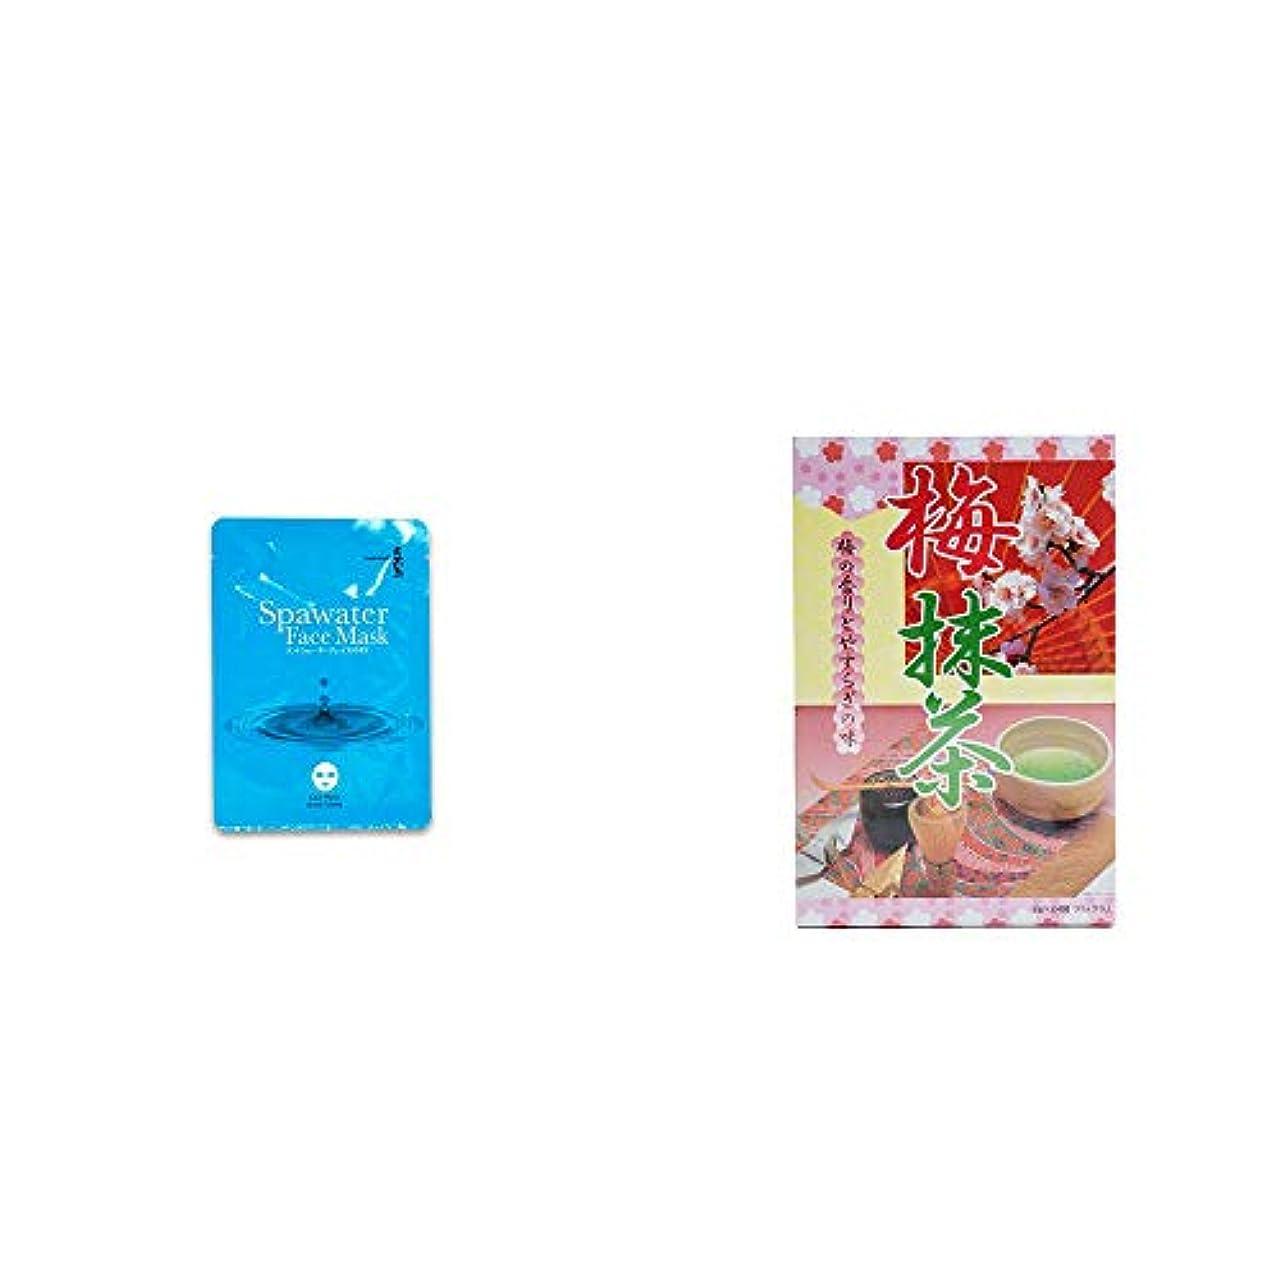 レコーダーキャリッジ近代化する[2点セット] ひのき炭黒泉 スパウォーターフェイスマスク(18ml×3枚入)・梅抹茶[大](24袋)